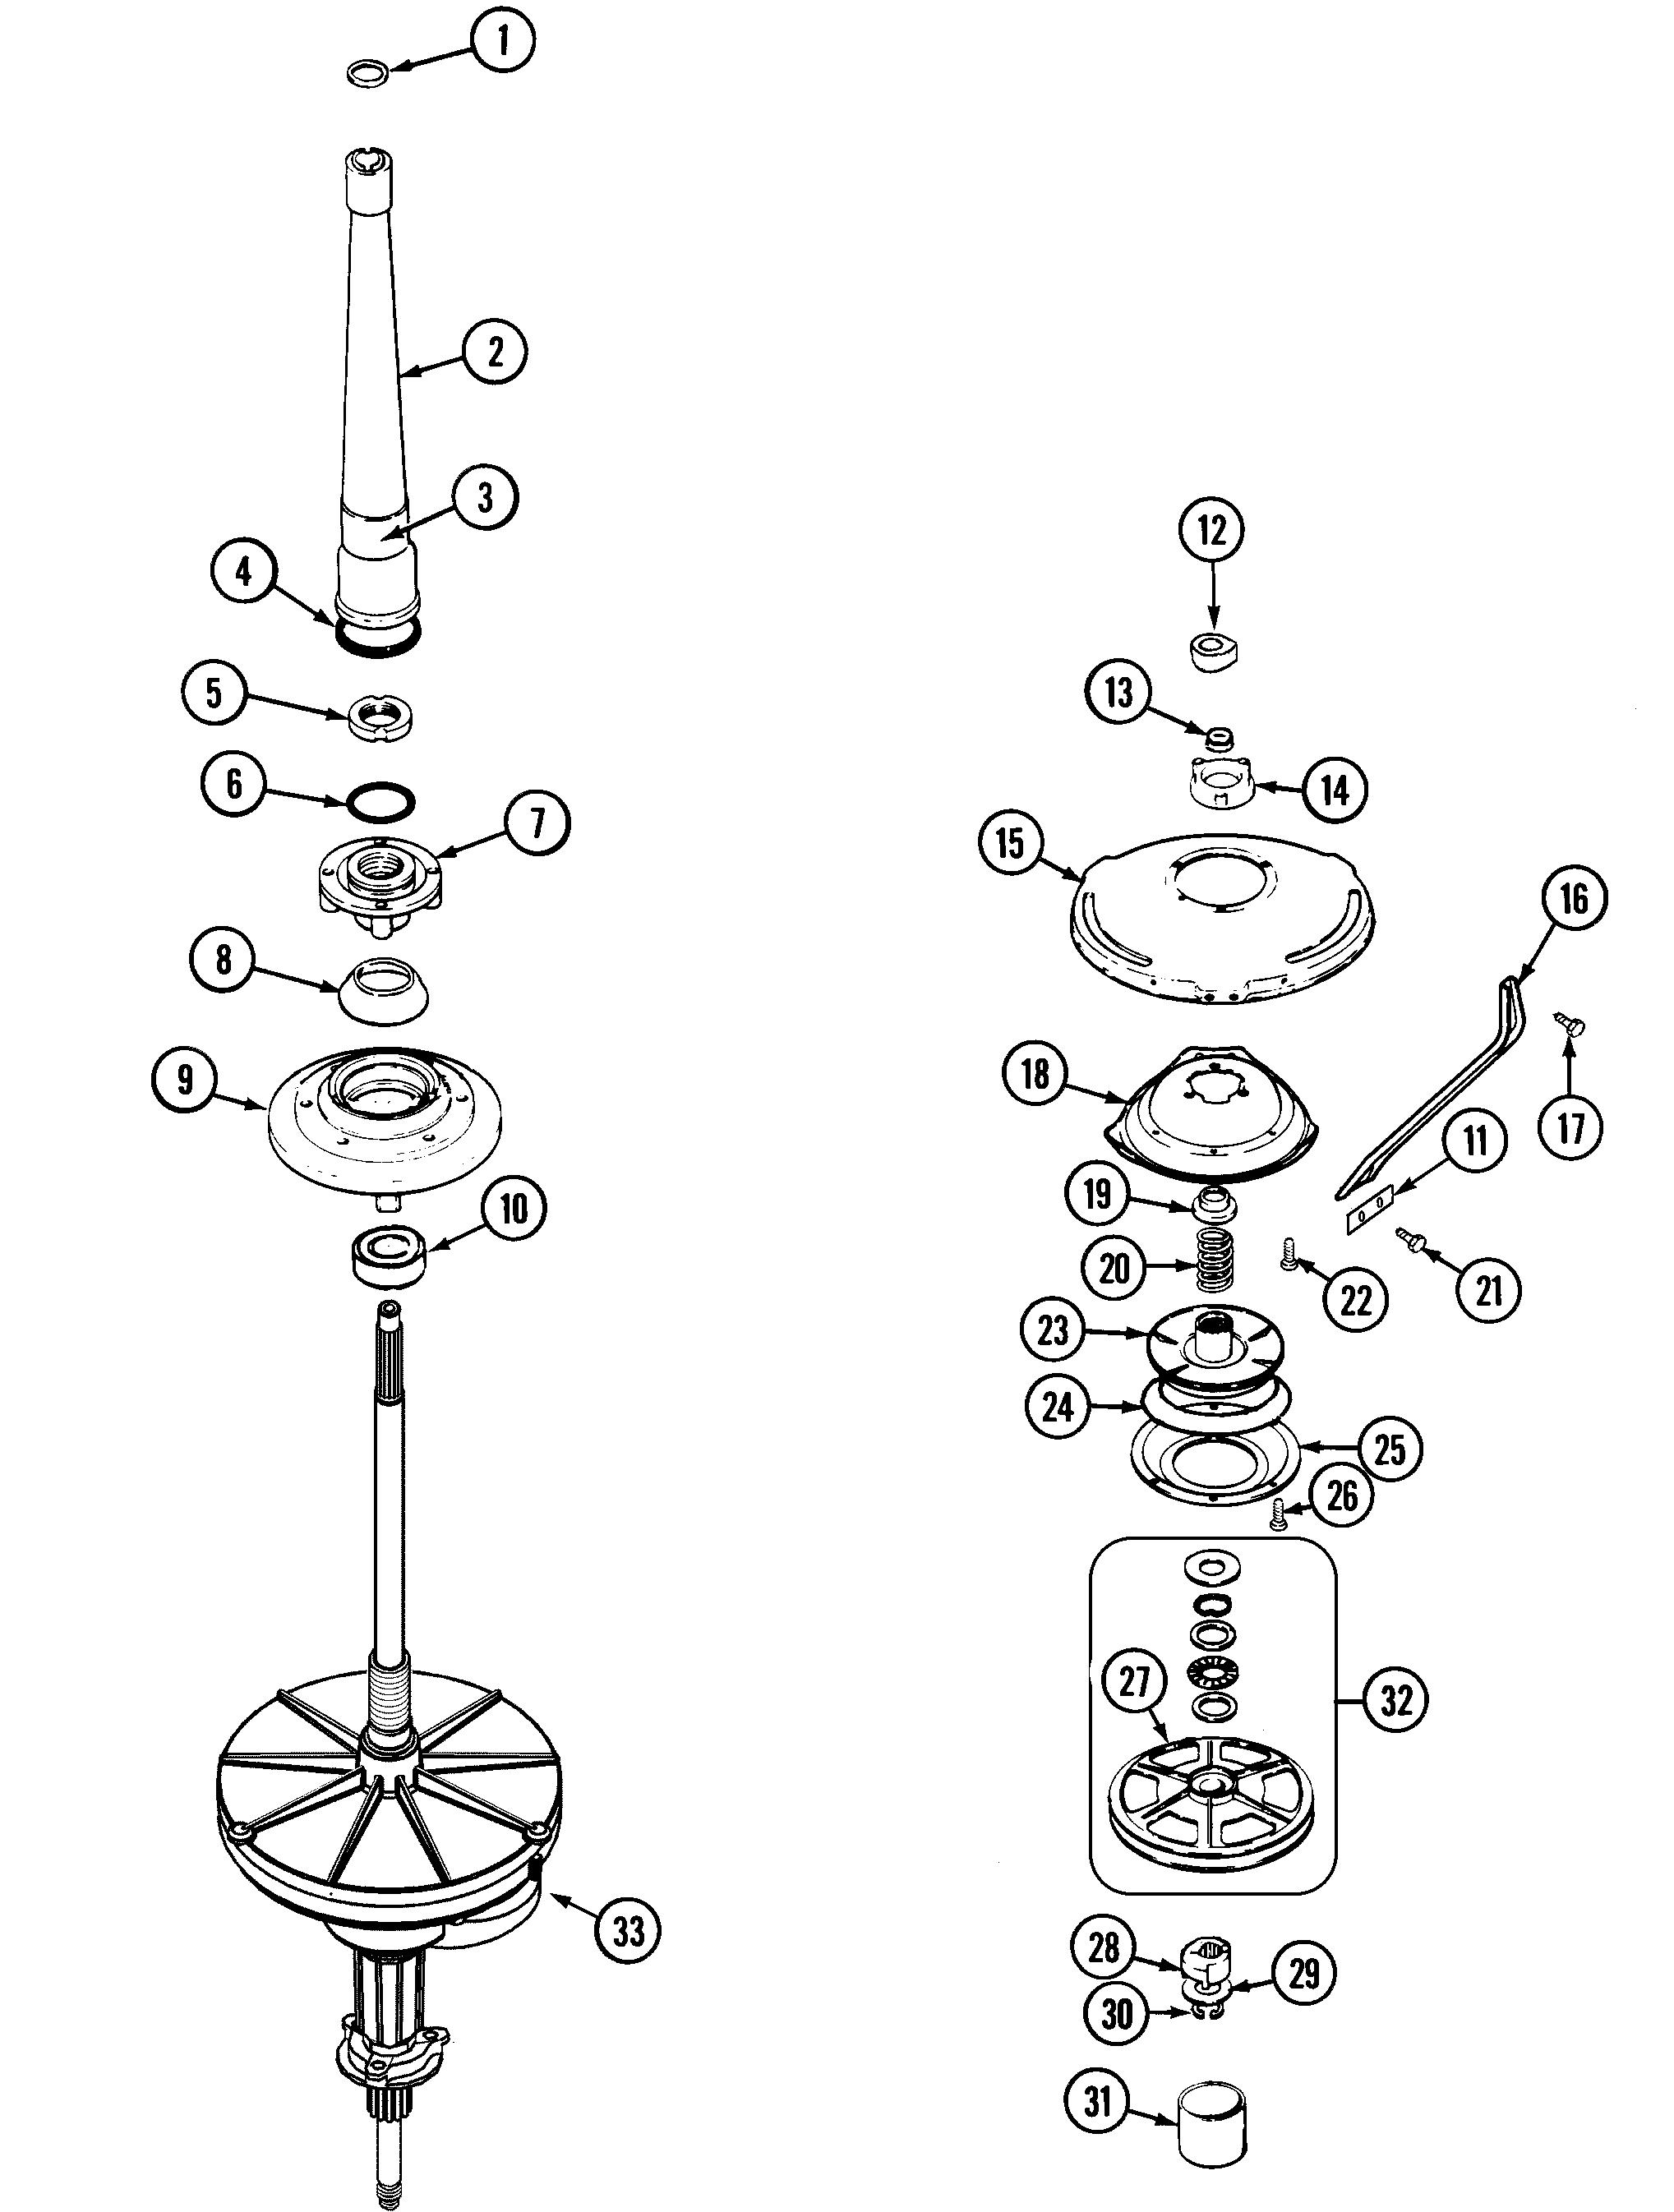 Basic Chopper Wiring Diagram